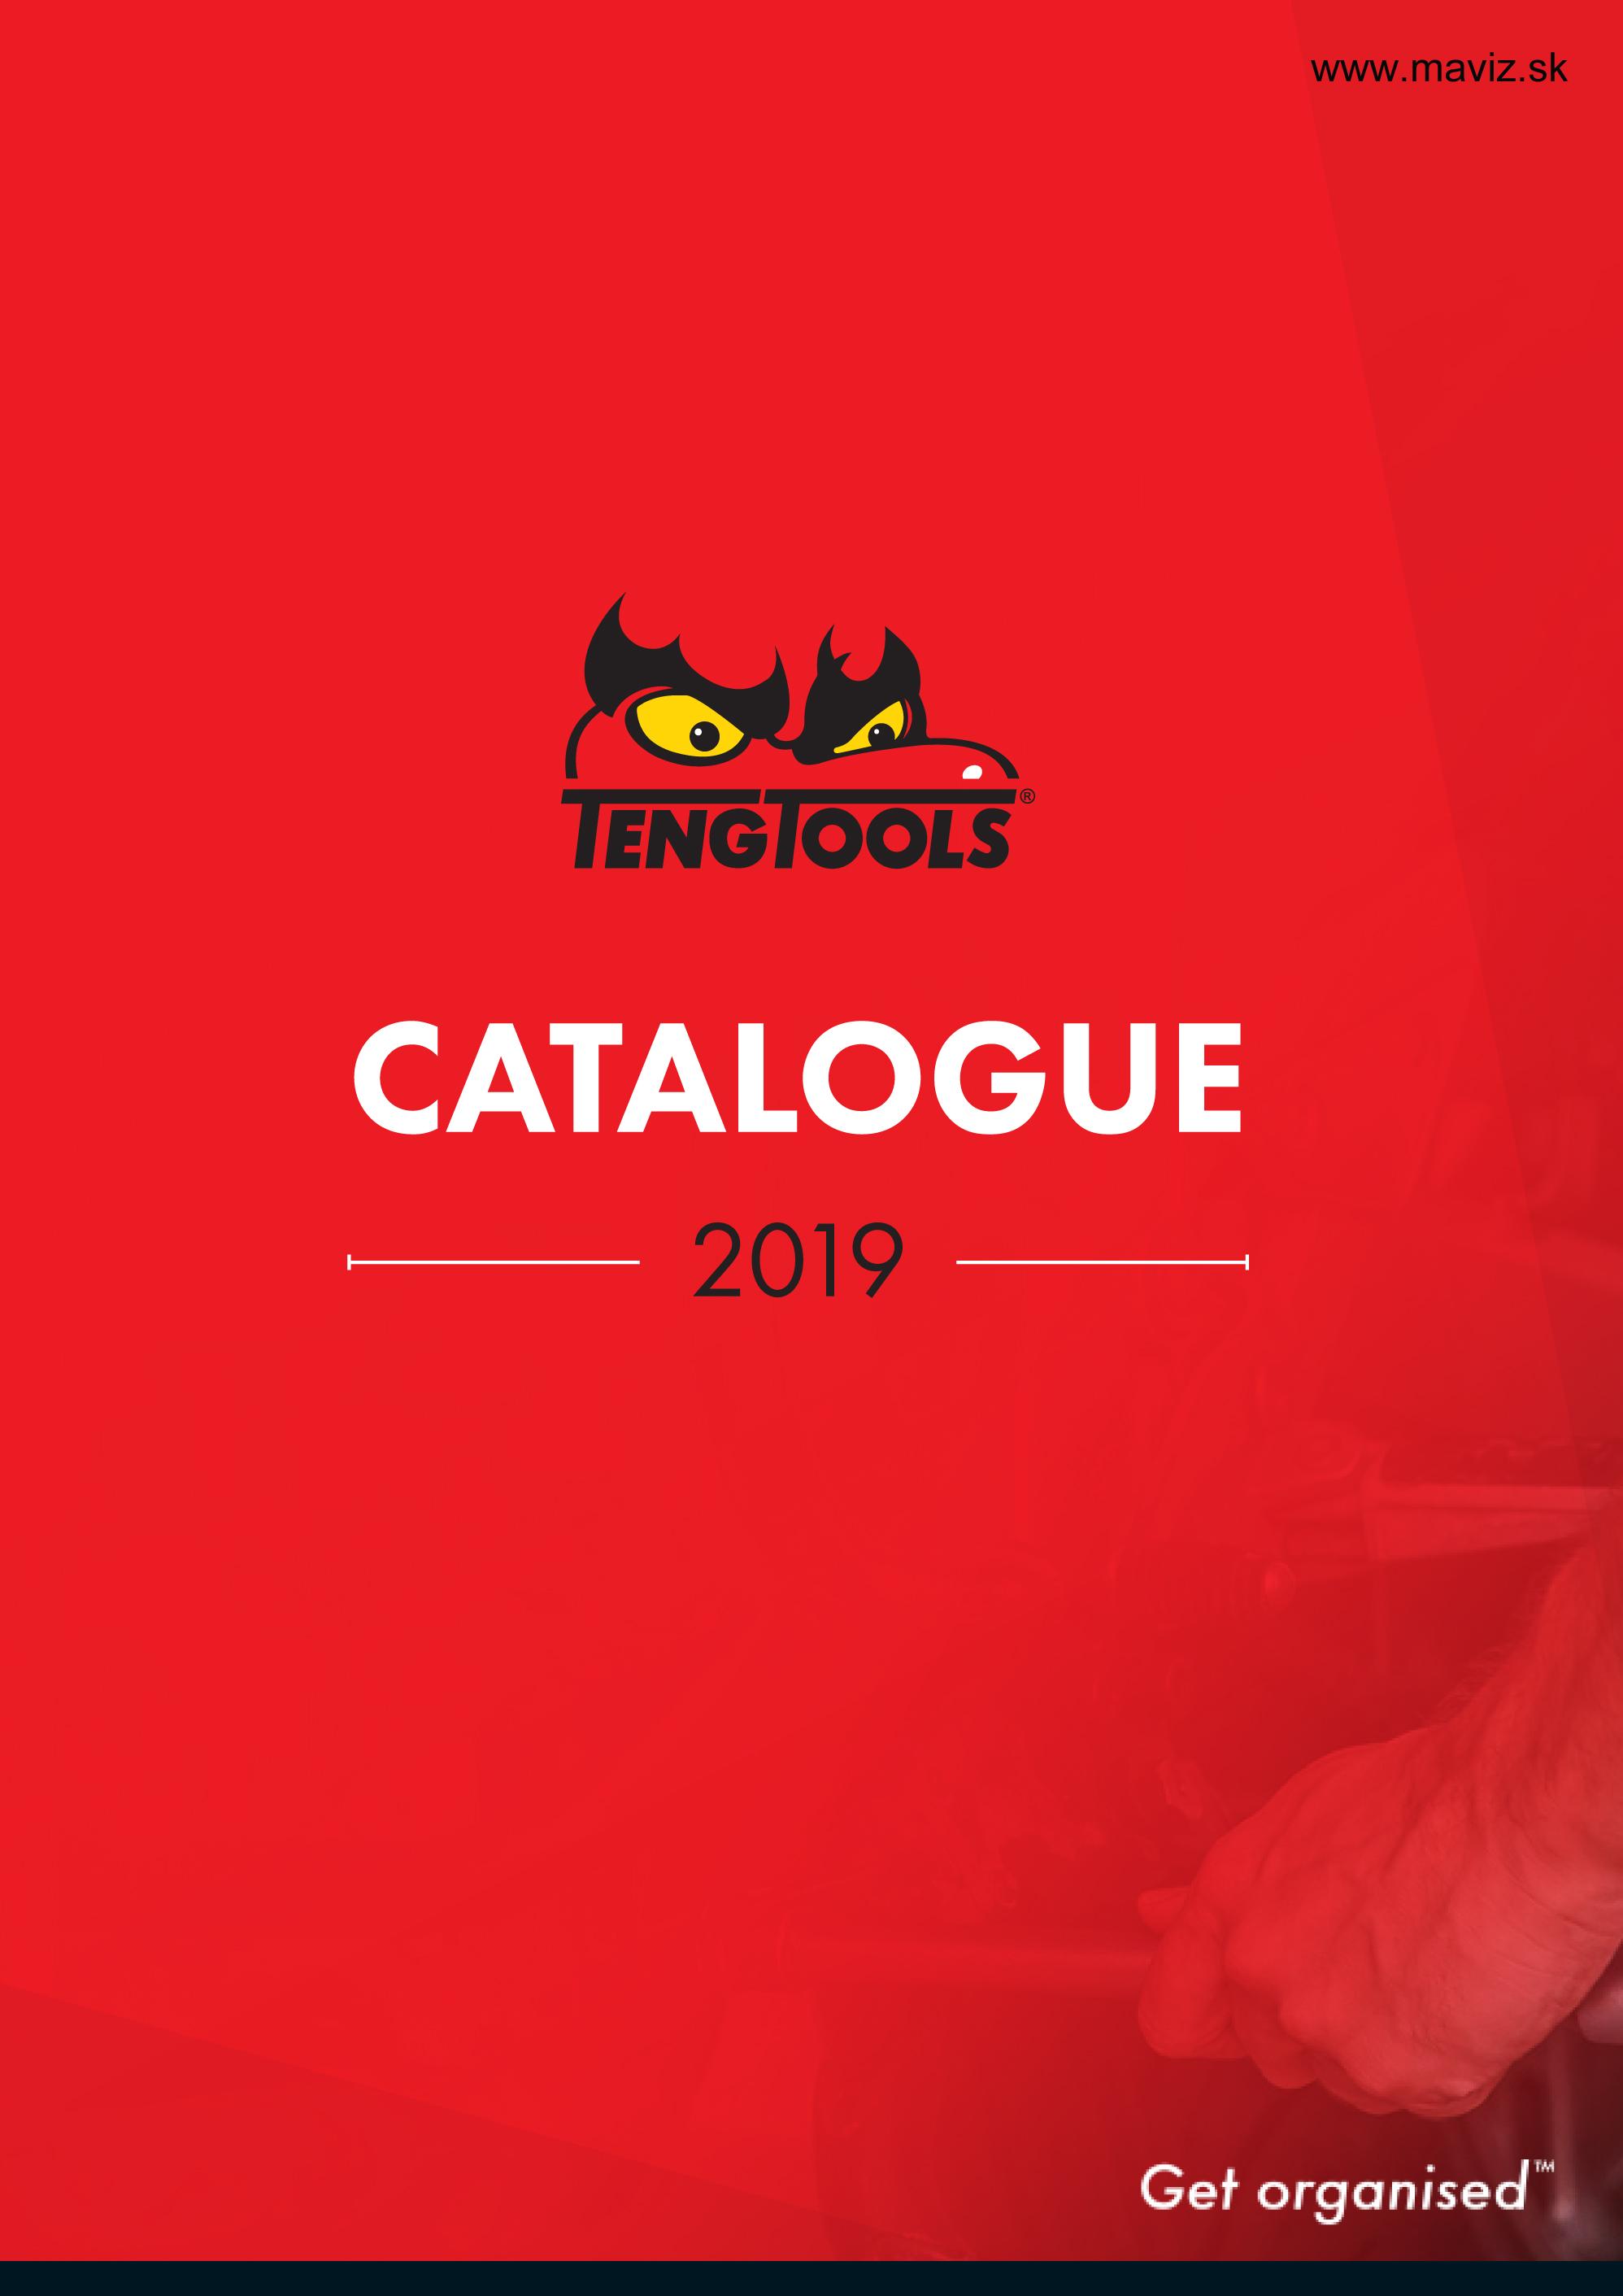 Katalóg TENG-TOOLS